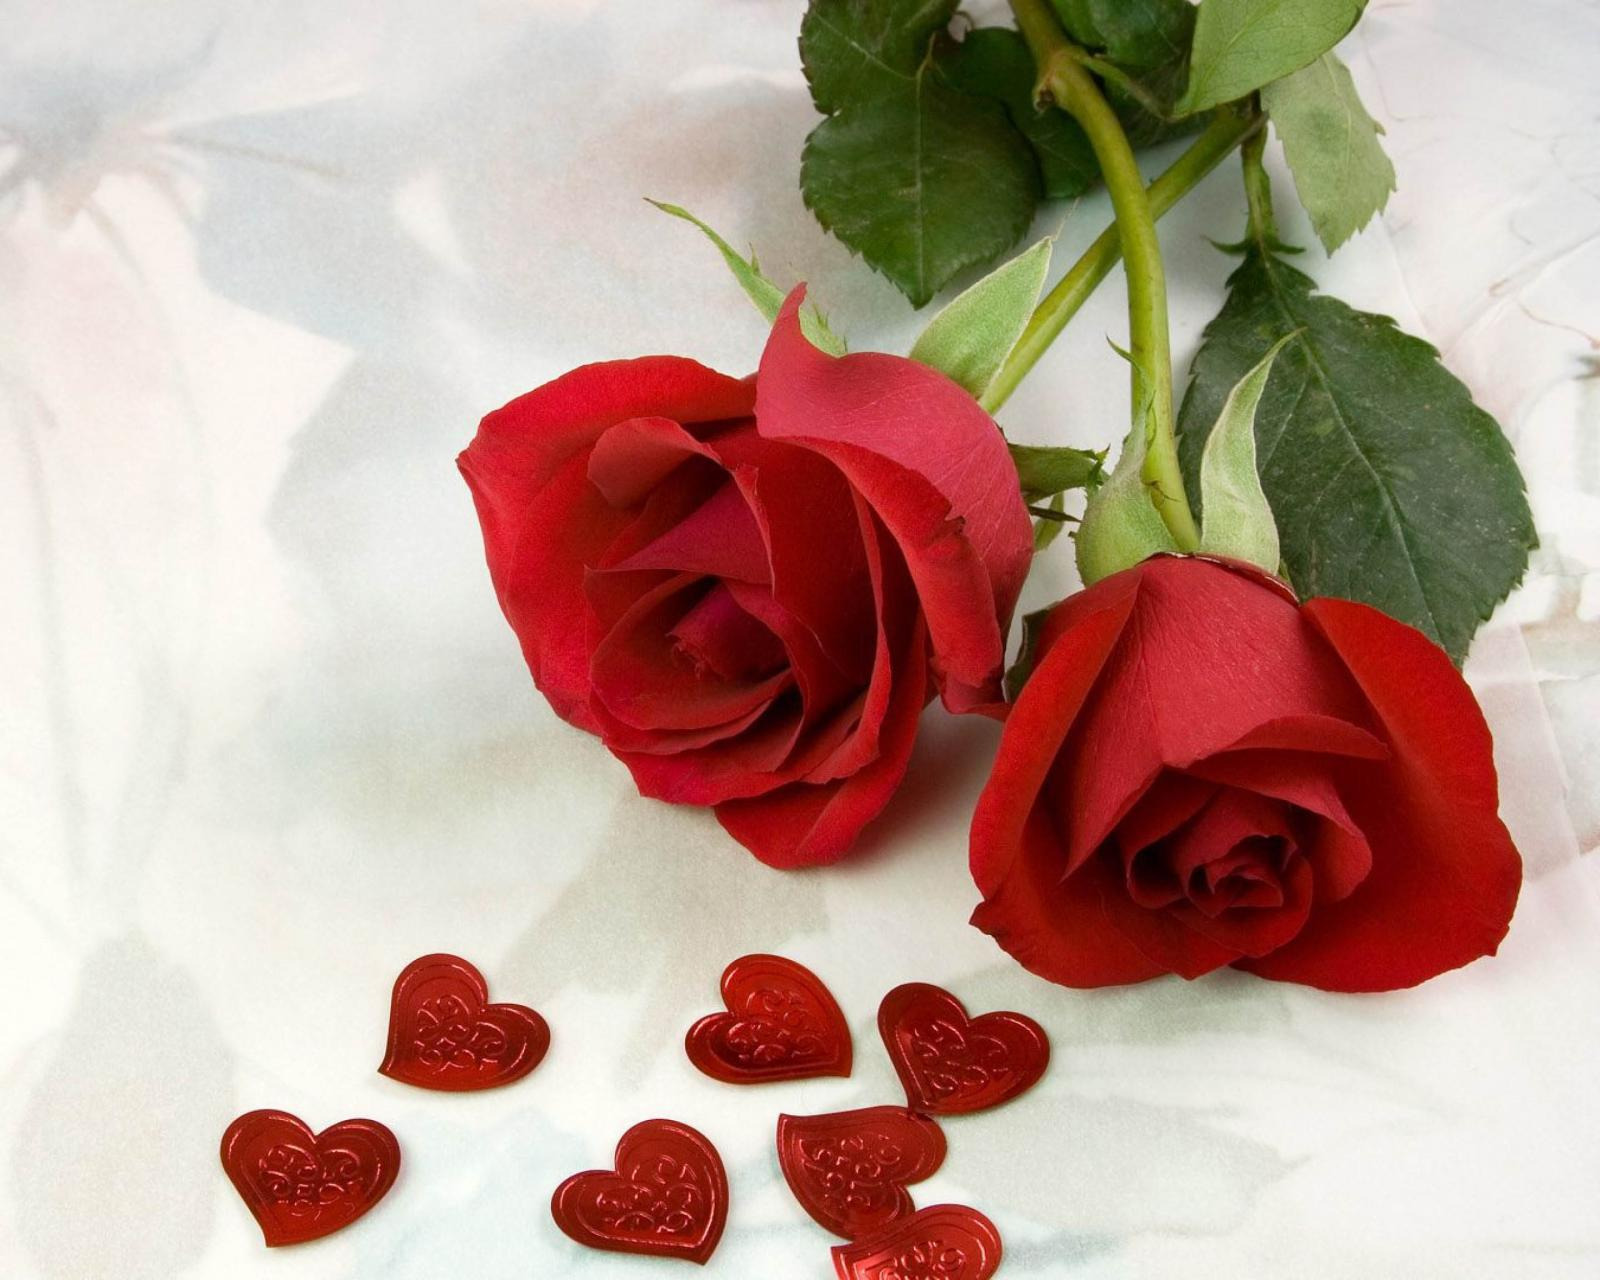 بالصور اجمل ورود الحب , صور ورود الحب الجميلة 3921 5